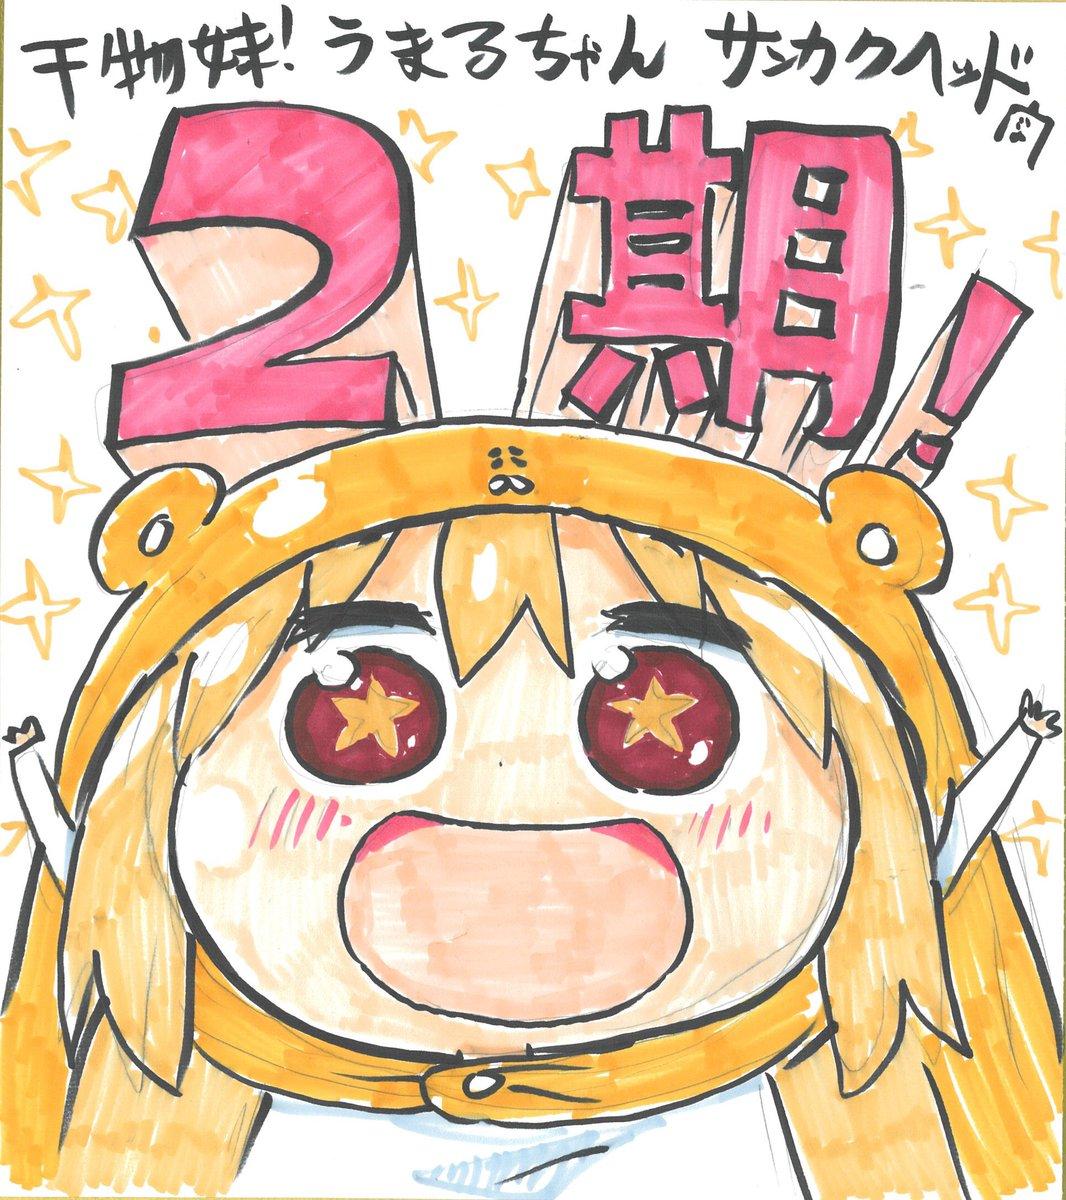 さらに『干物妹!うまるちゃん』の原作者・サンカクヘッド先生からも、テレビアニメ第2期決定のお祝いイラストが到着!全力歓喜